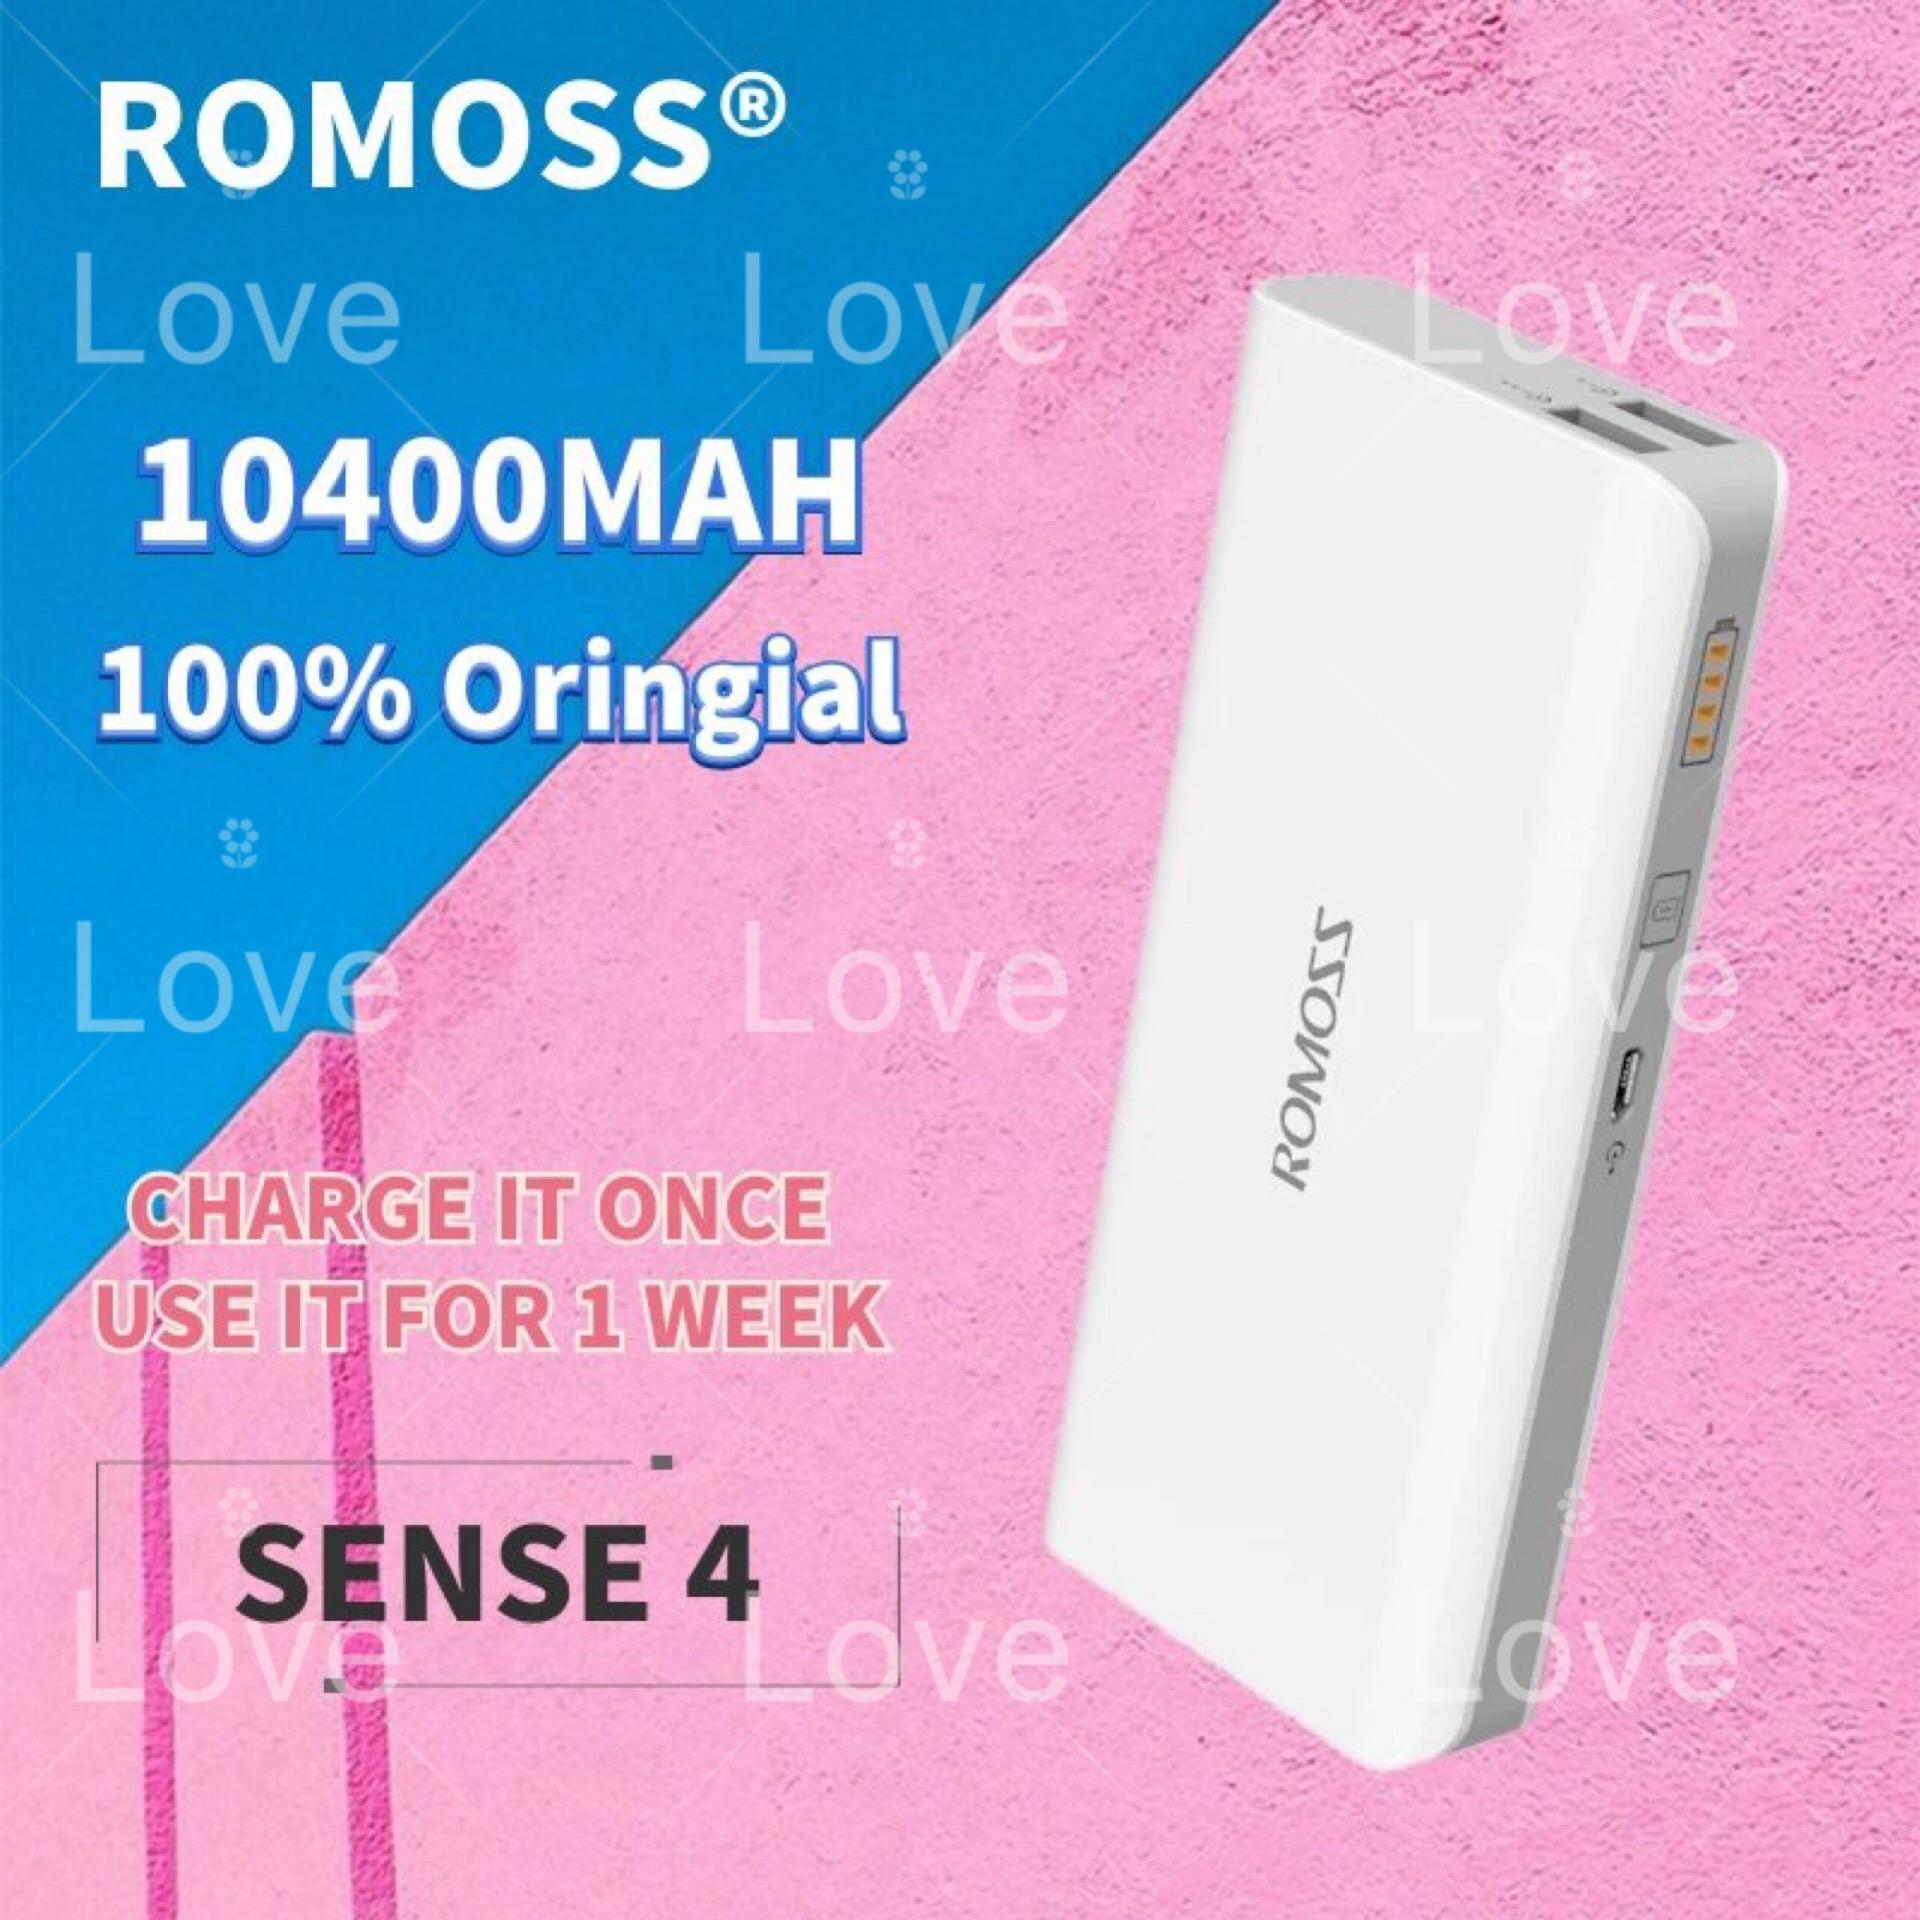 romoss power bank Sense 4 ph50 10400MAH sense4 10400 mah Original powerbank (WHITE)